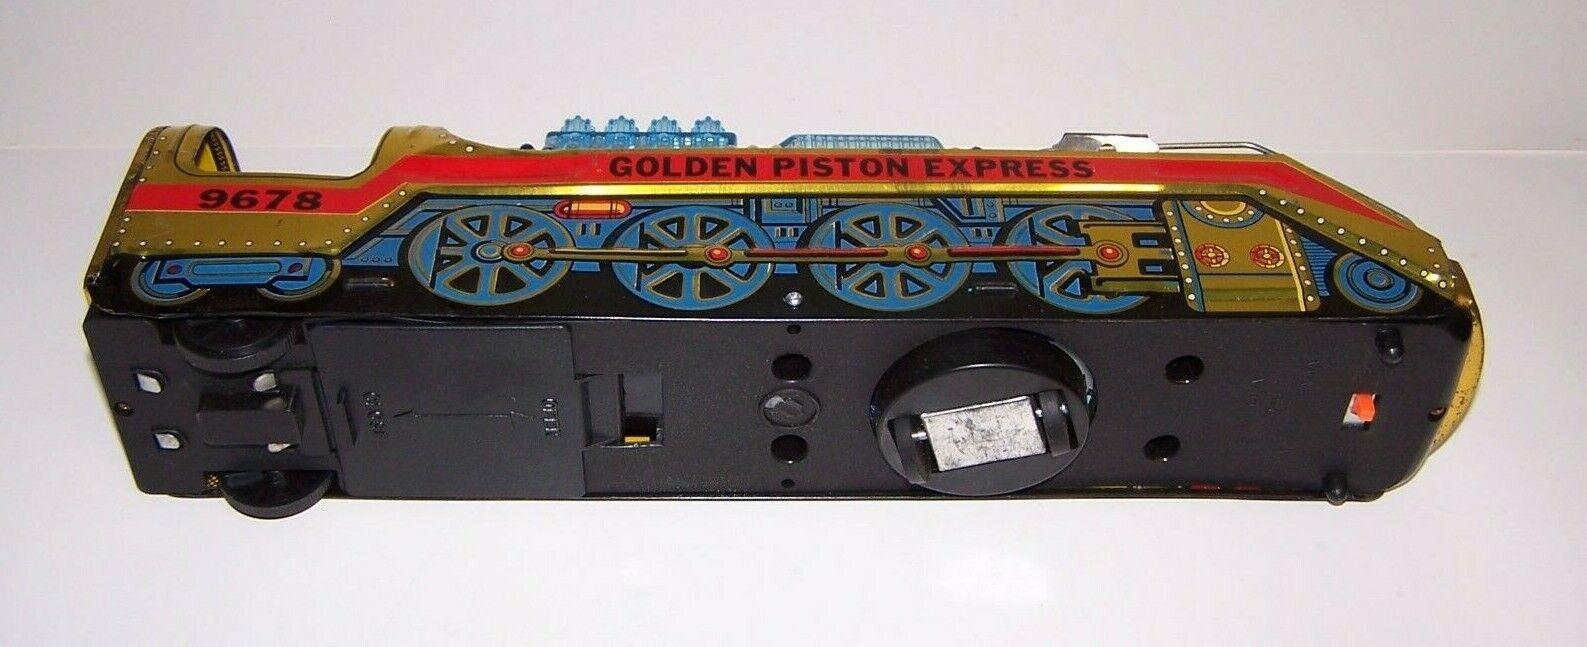 golden Piston Fireball Express Train 9678 Battery Battery Battery Operated 476159